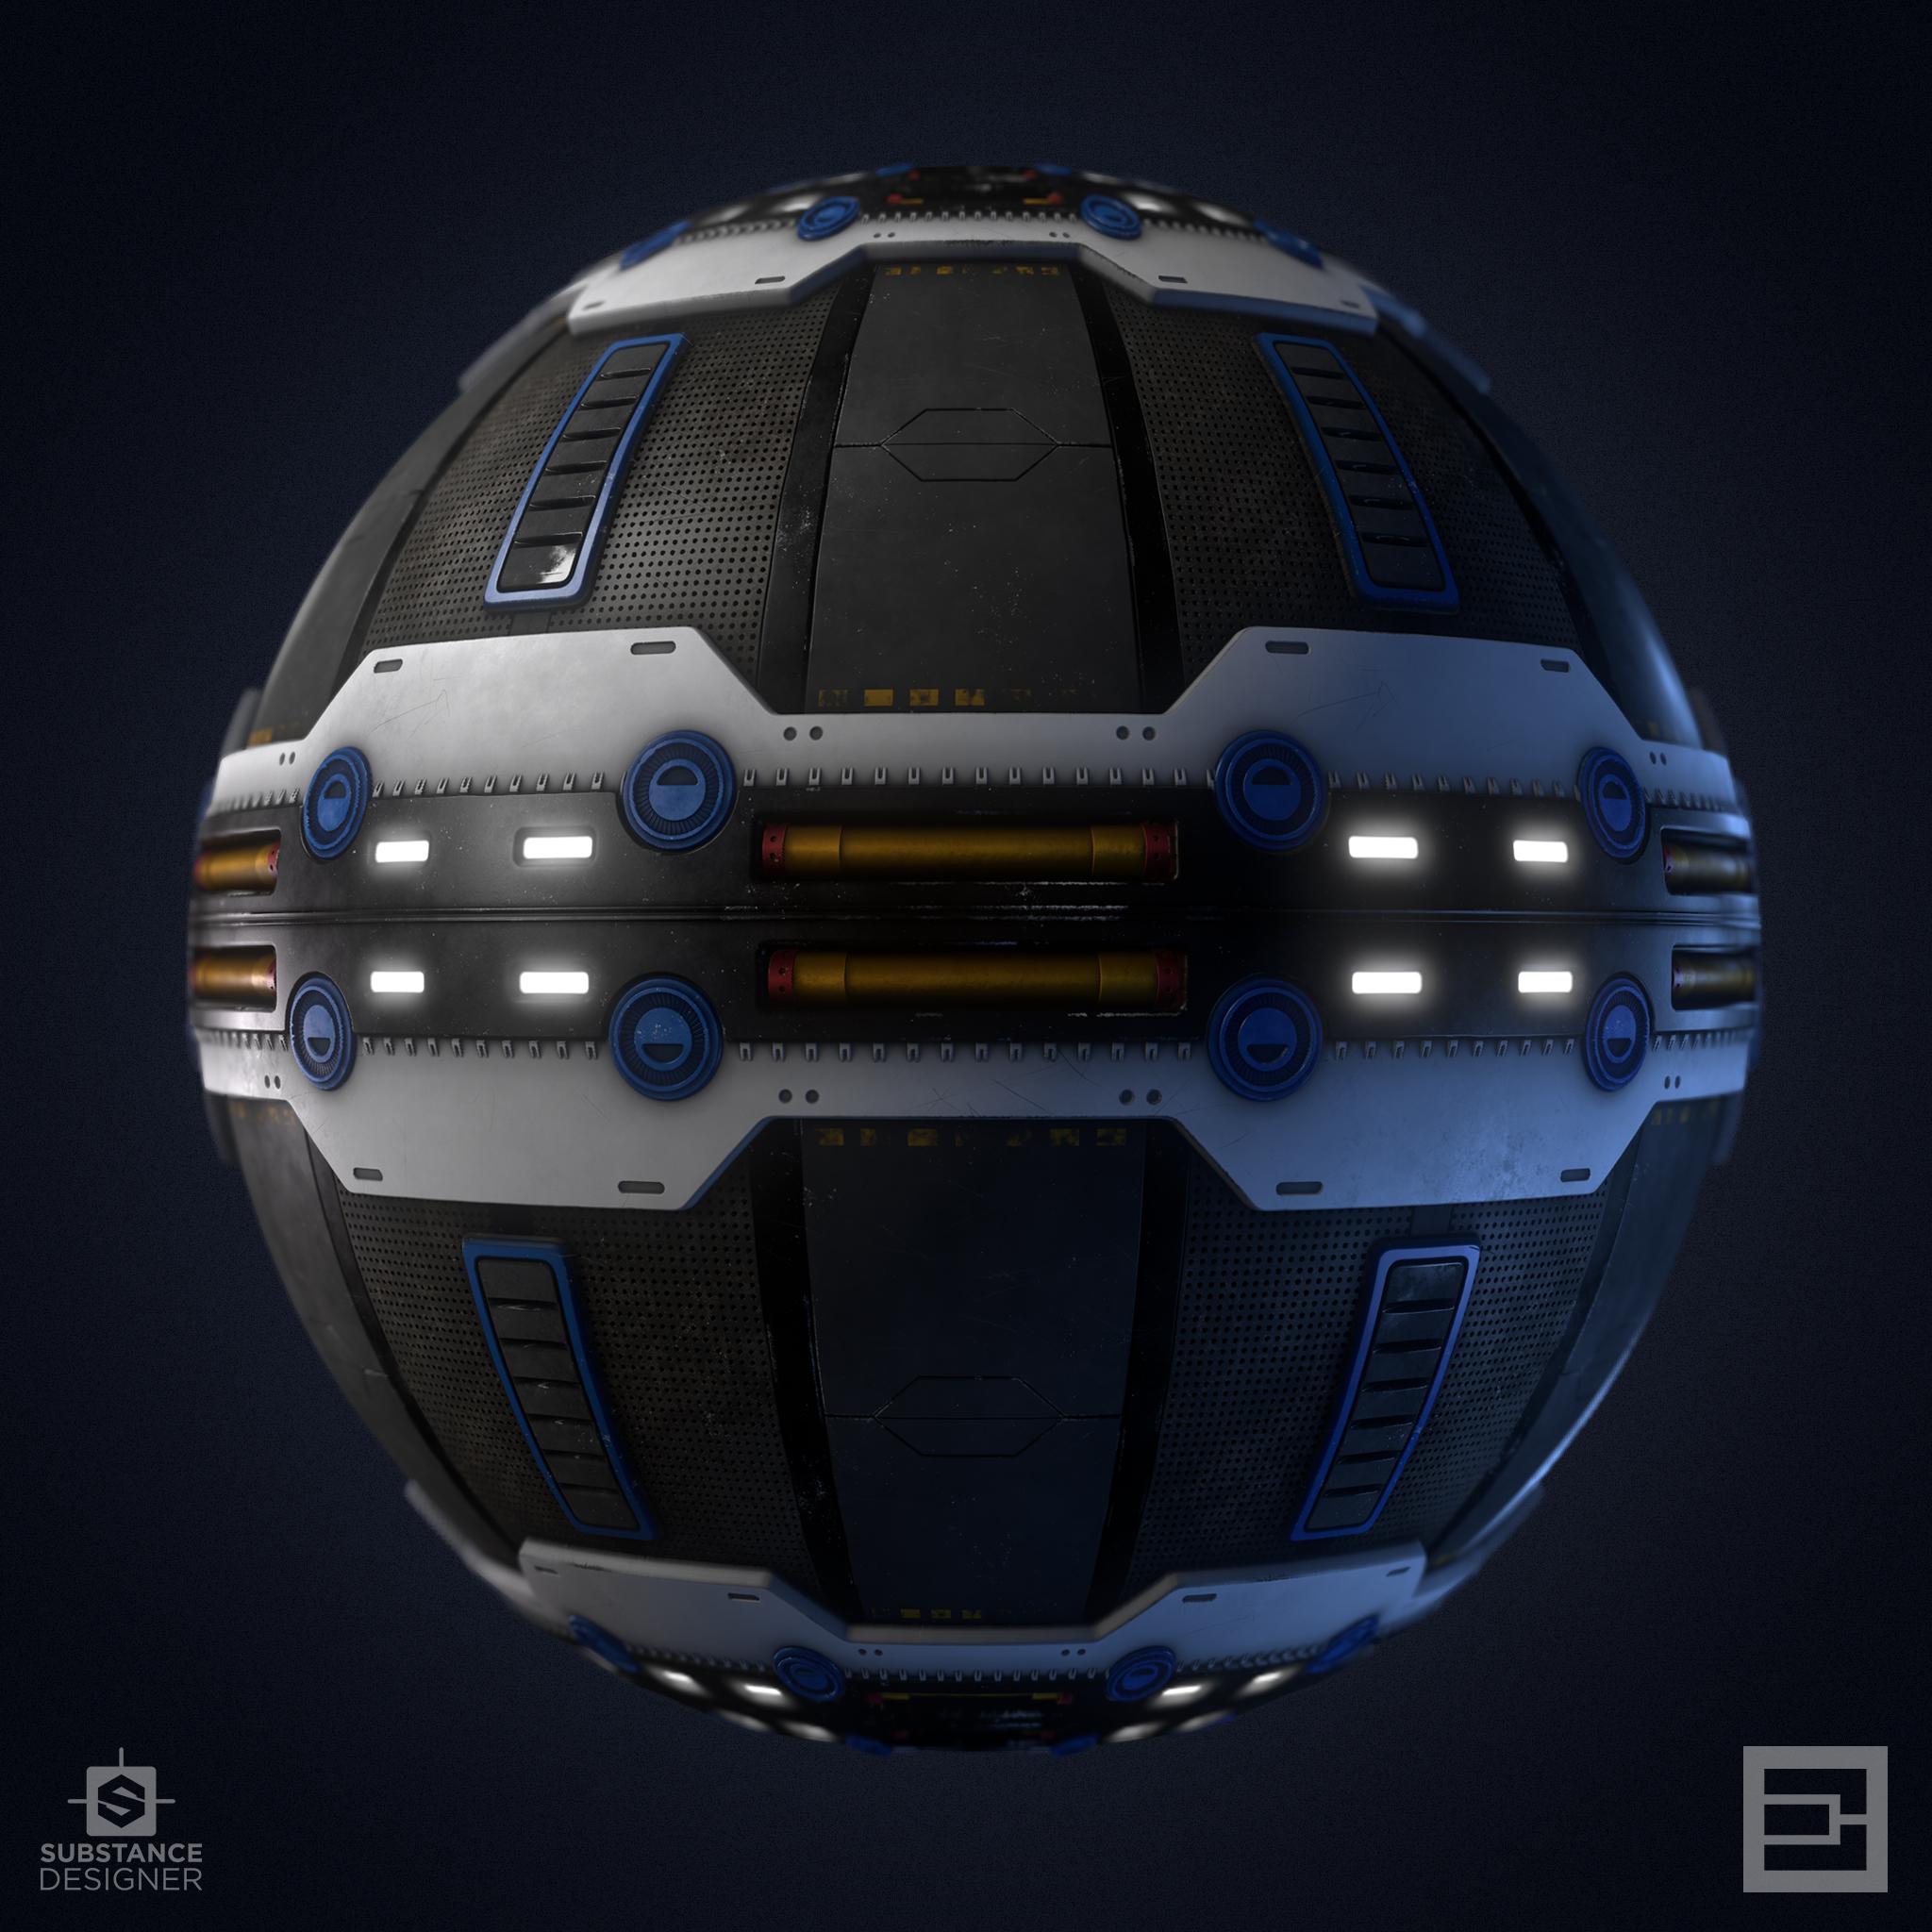 SciFi_Floor_01_Sphere.jpg